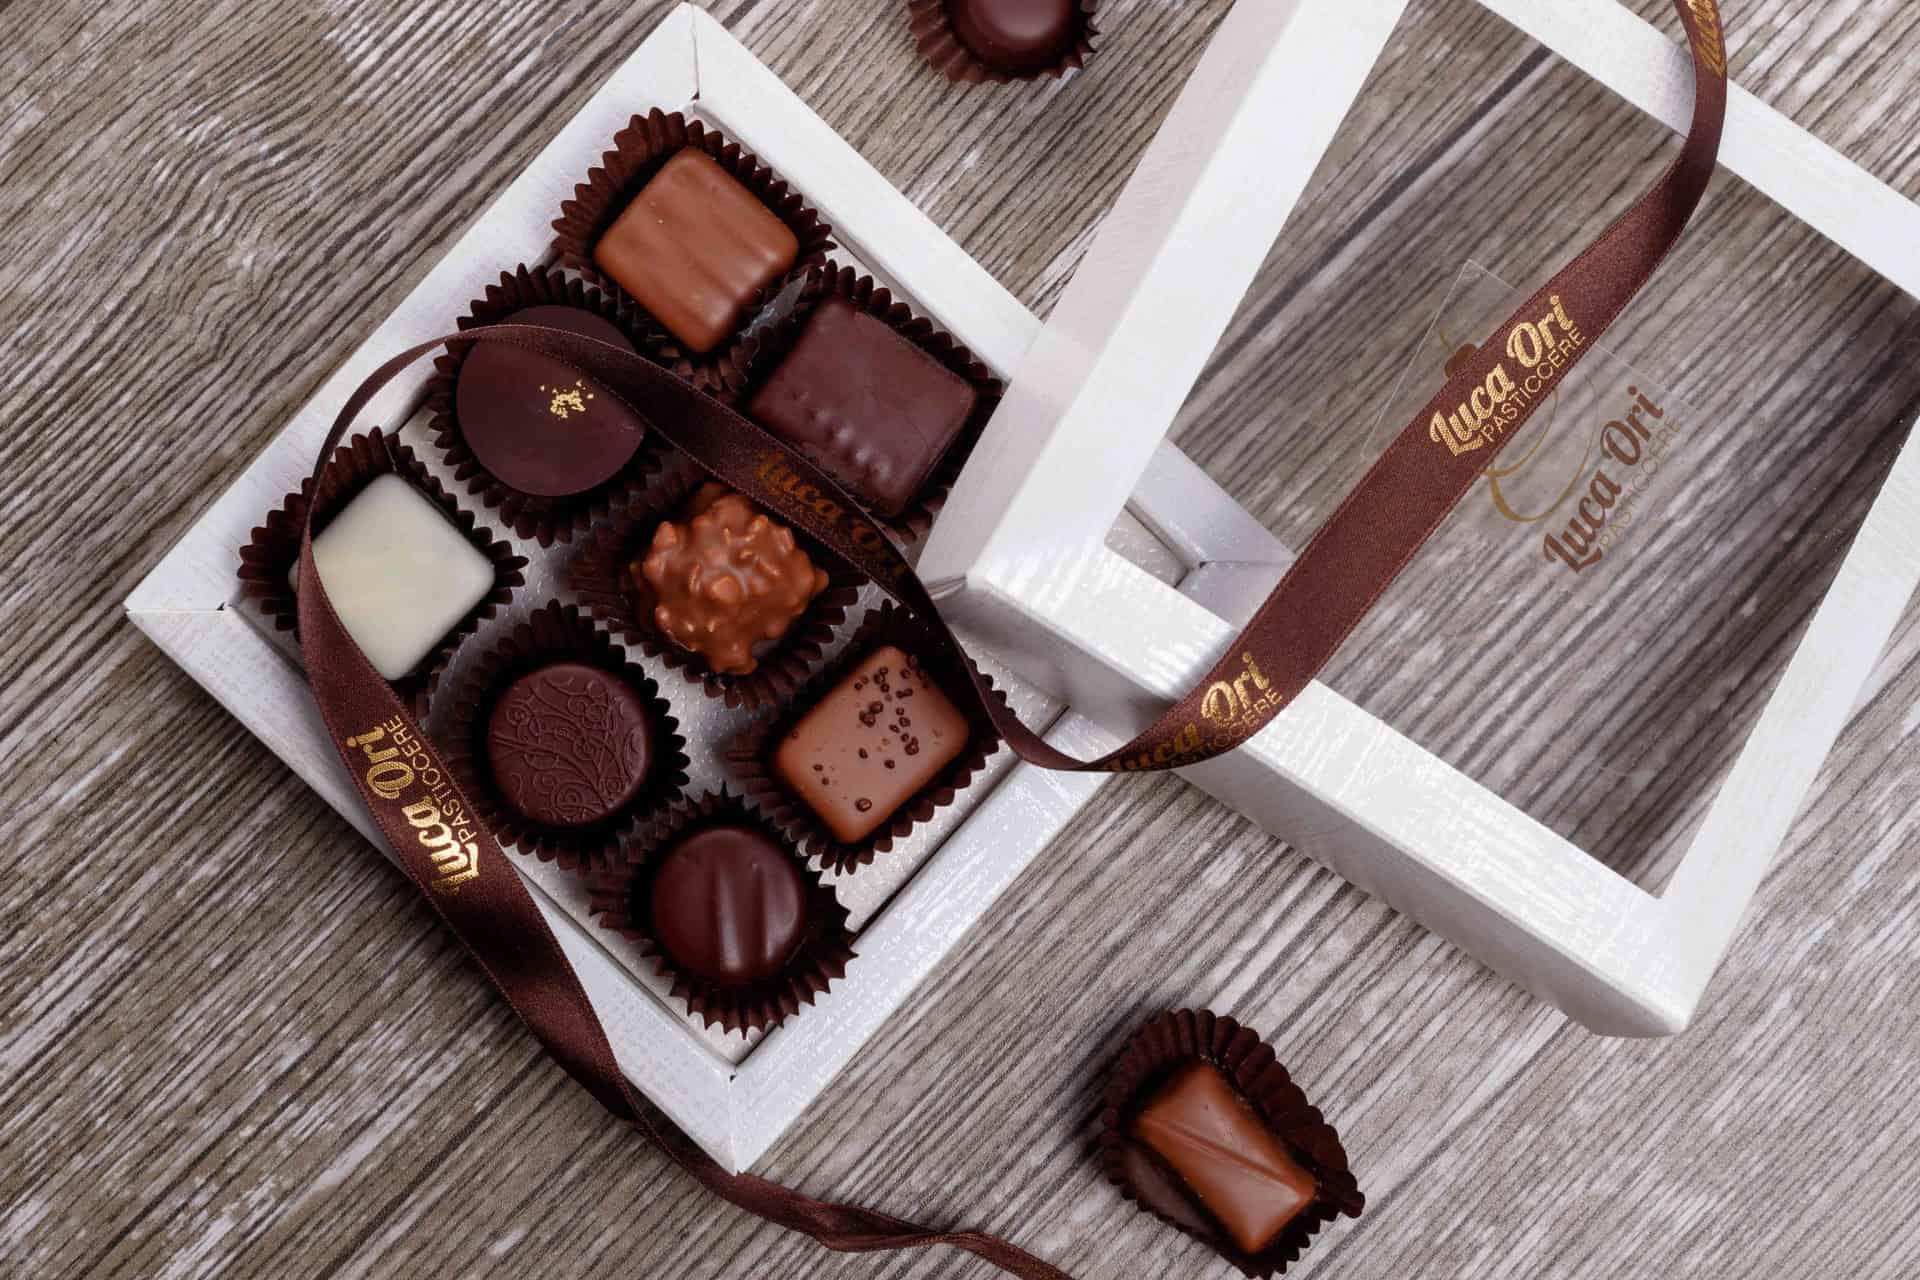 scatola di cioccolati artigianali